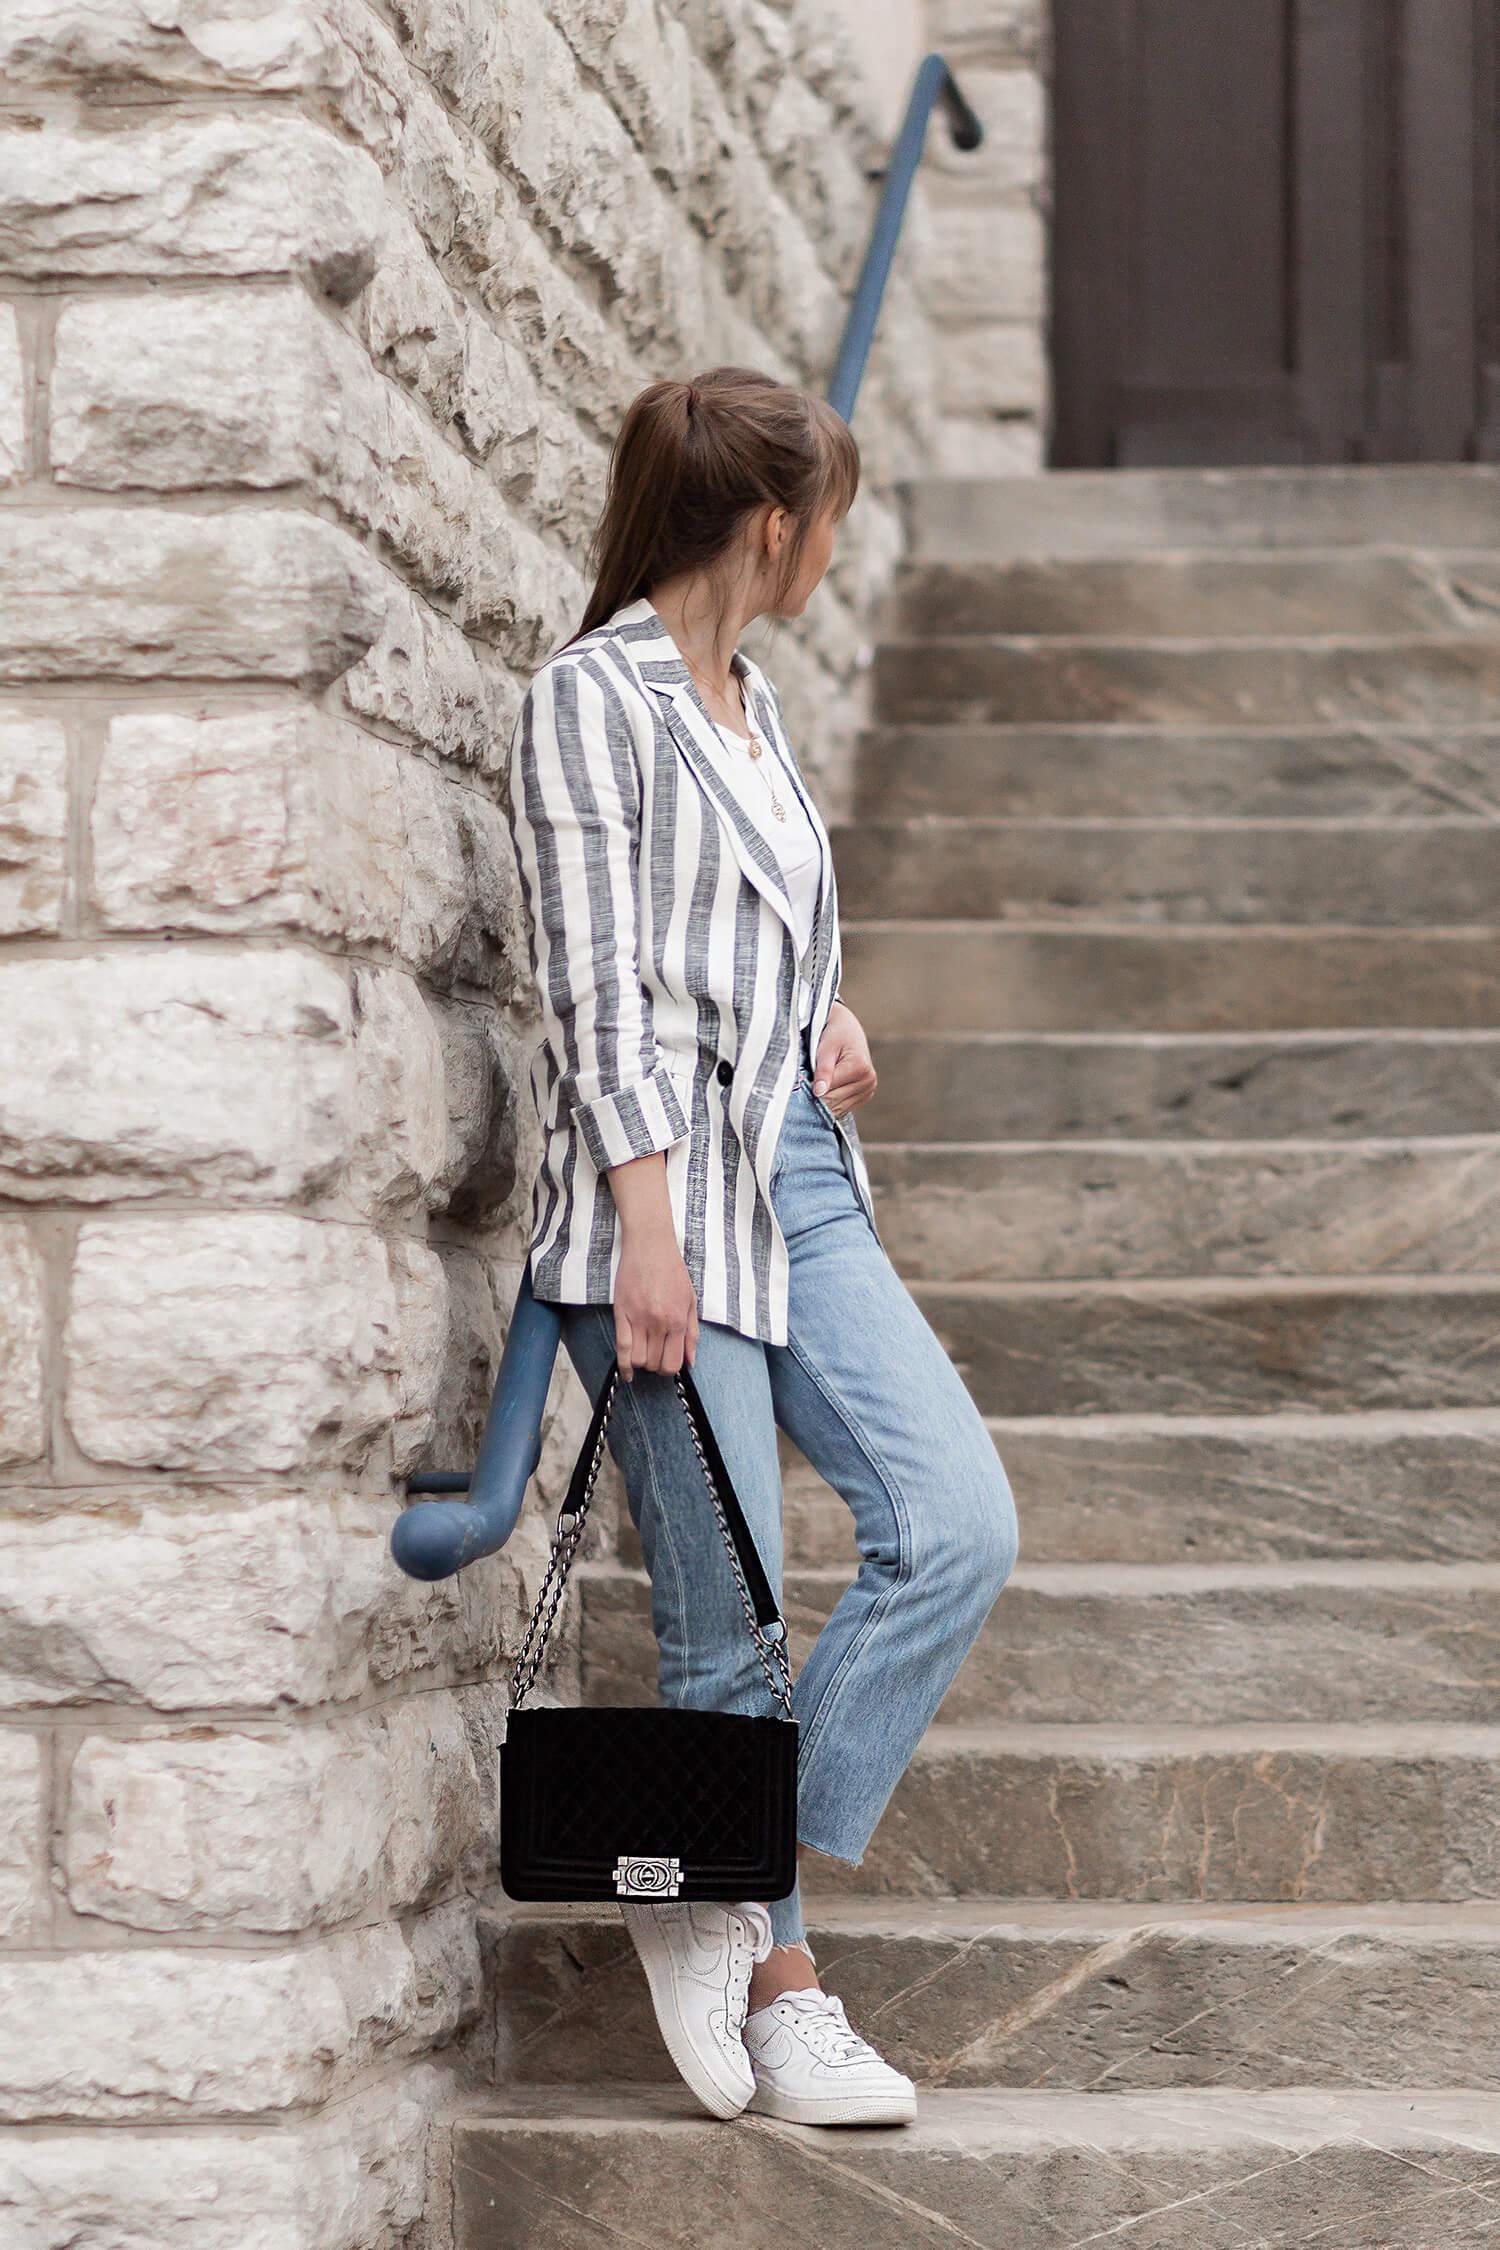 Blazer mit Streifen sportlich stylen, Leinenblazer Outfit, Shoelove by Deichmann